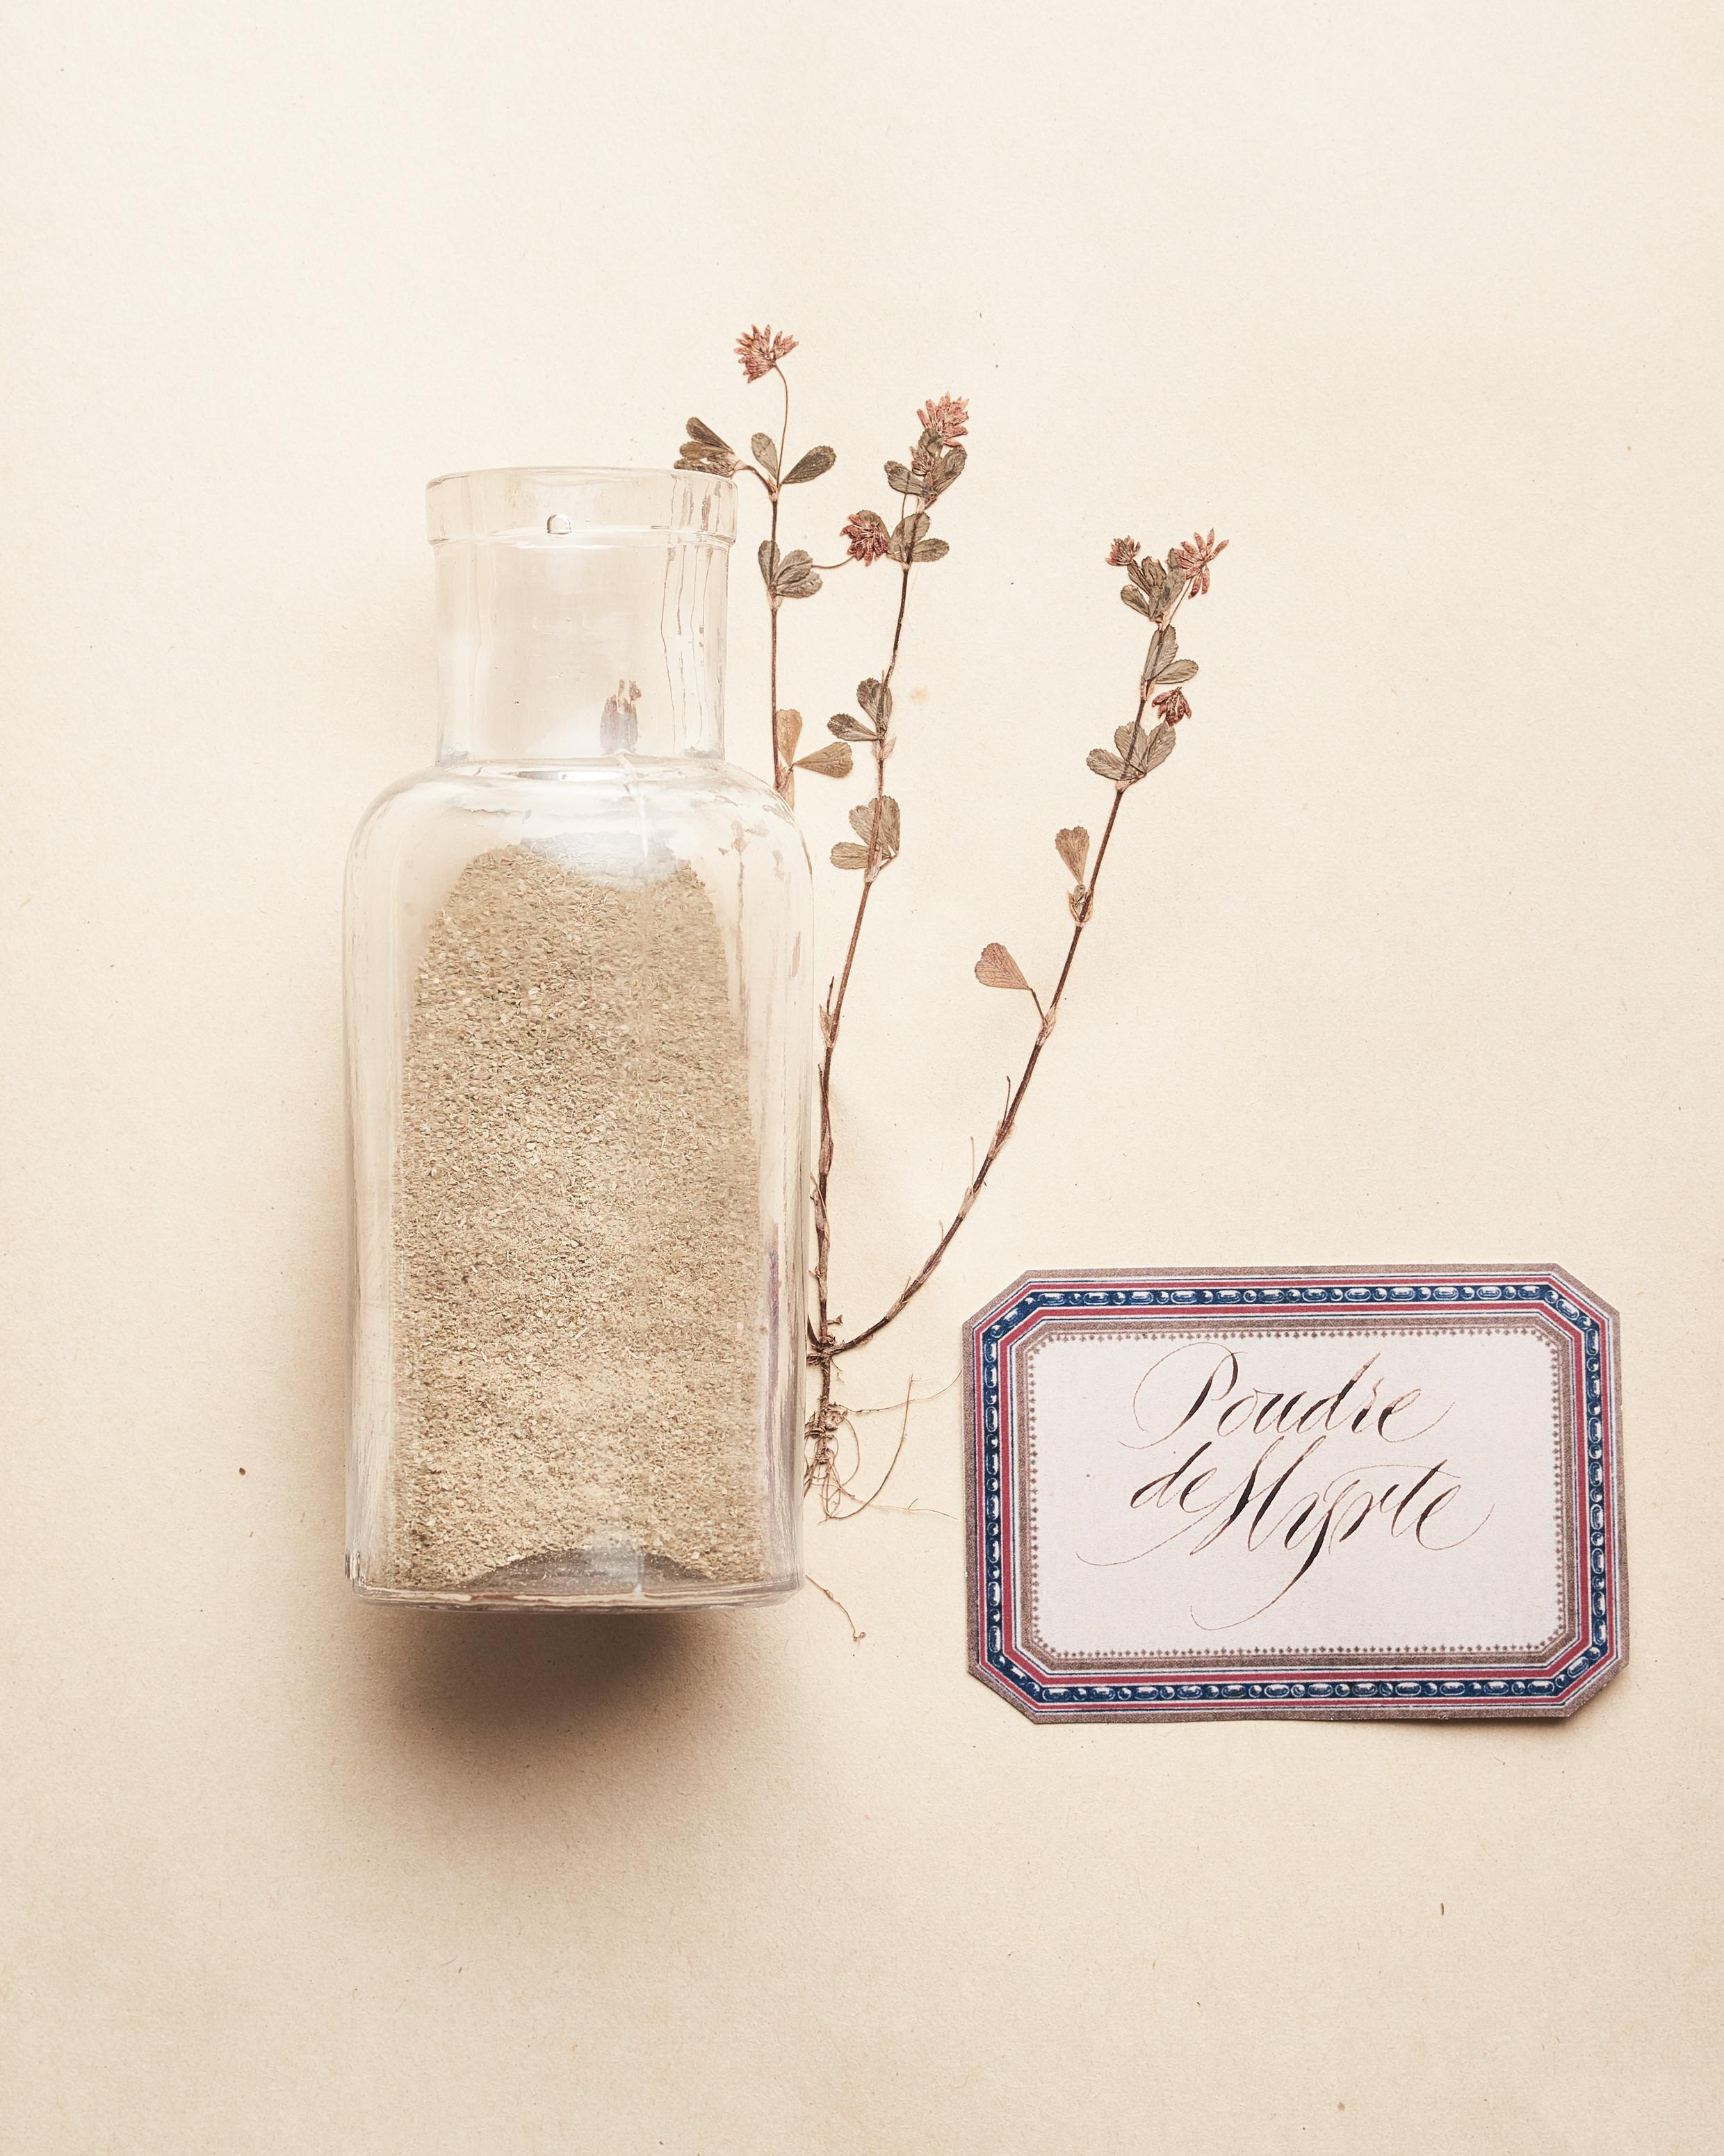 Myrtle powder